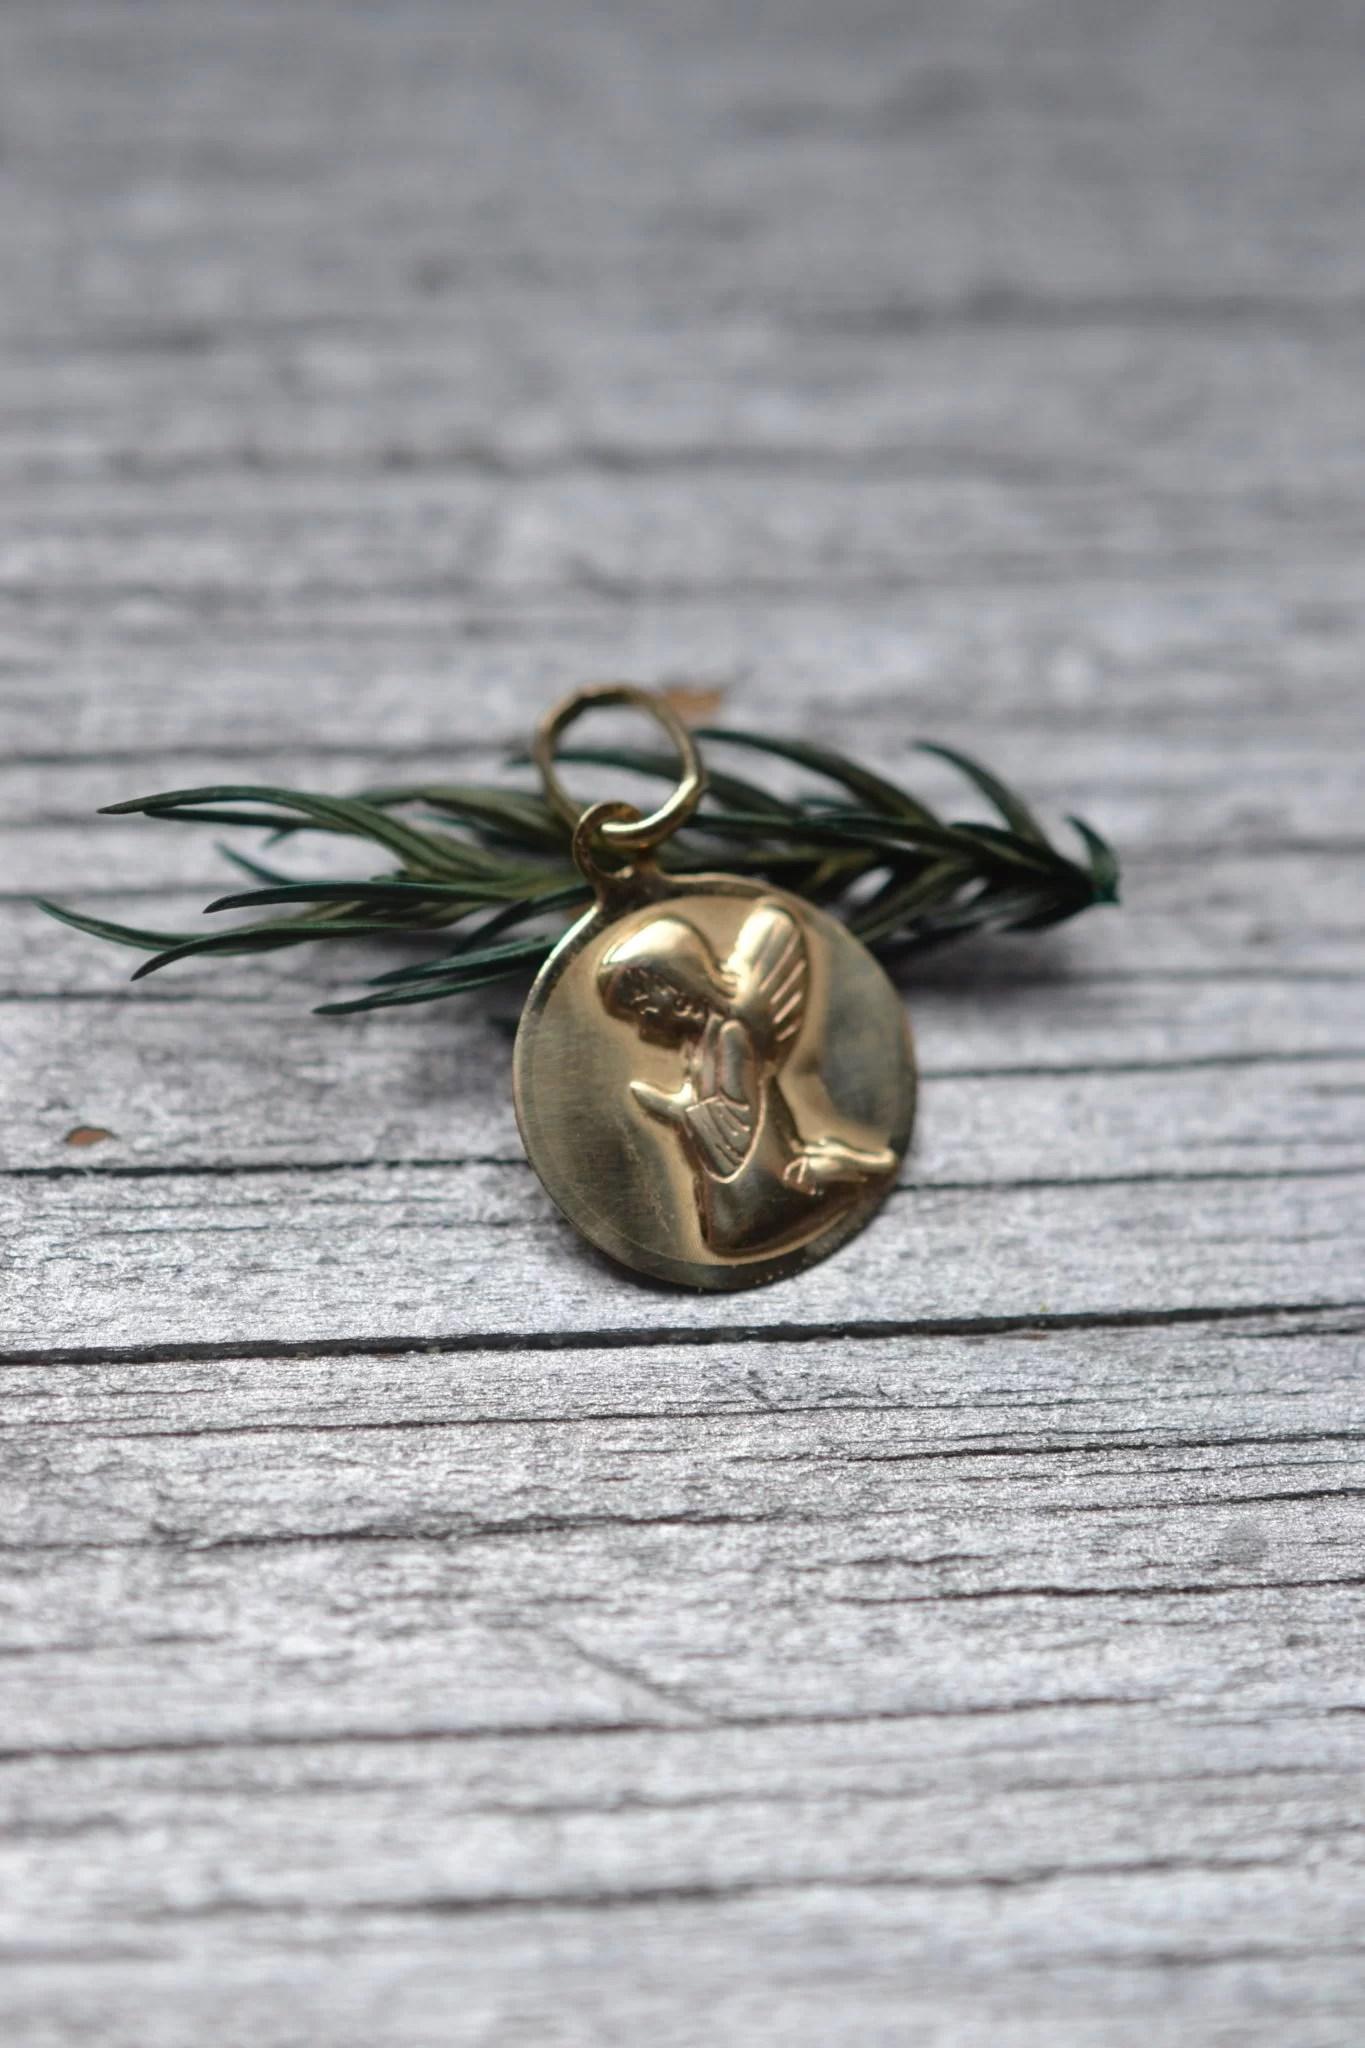 Medaille Baptème Ancienne En OR 18 Carats - Petit Ange Chérubin Angelot À Genoux - Un Bijou Vintage Ecoresponsable - Noircarat